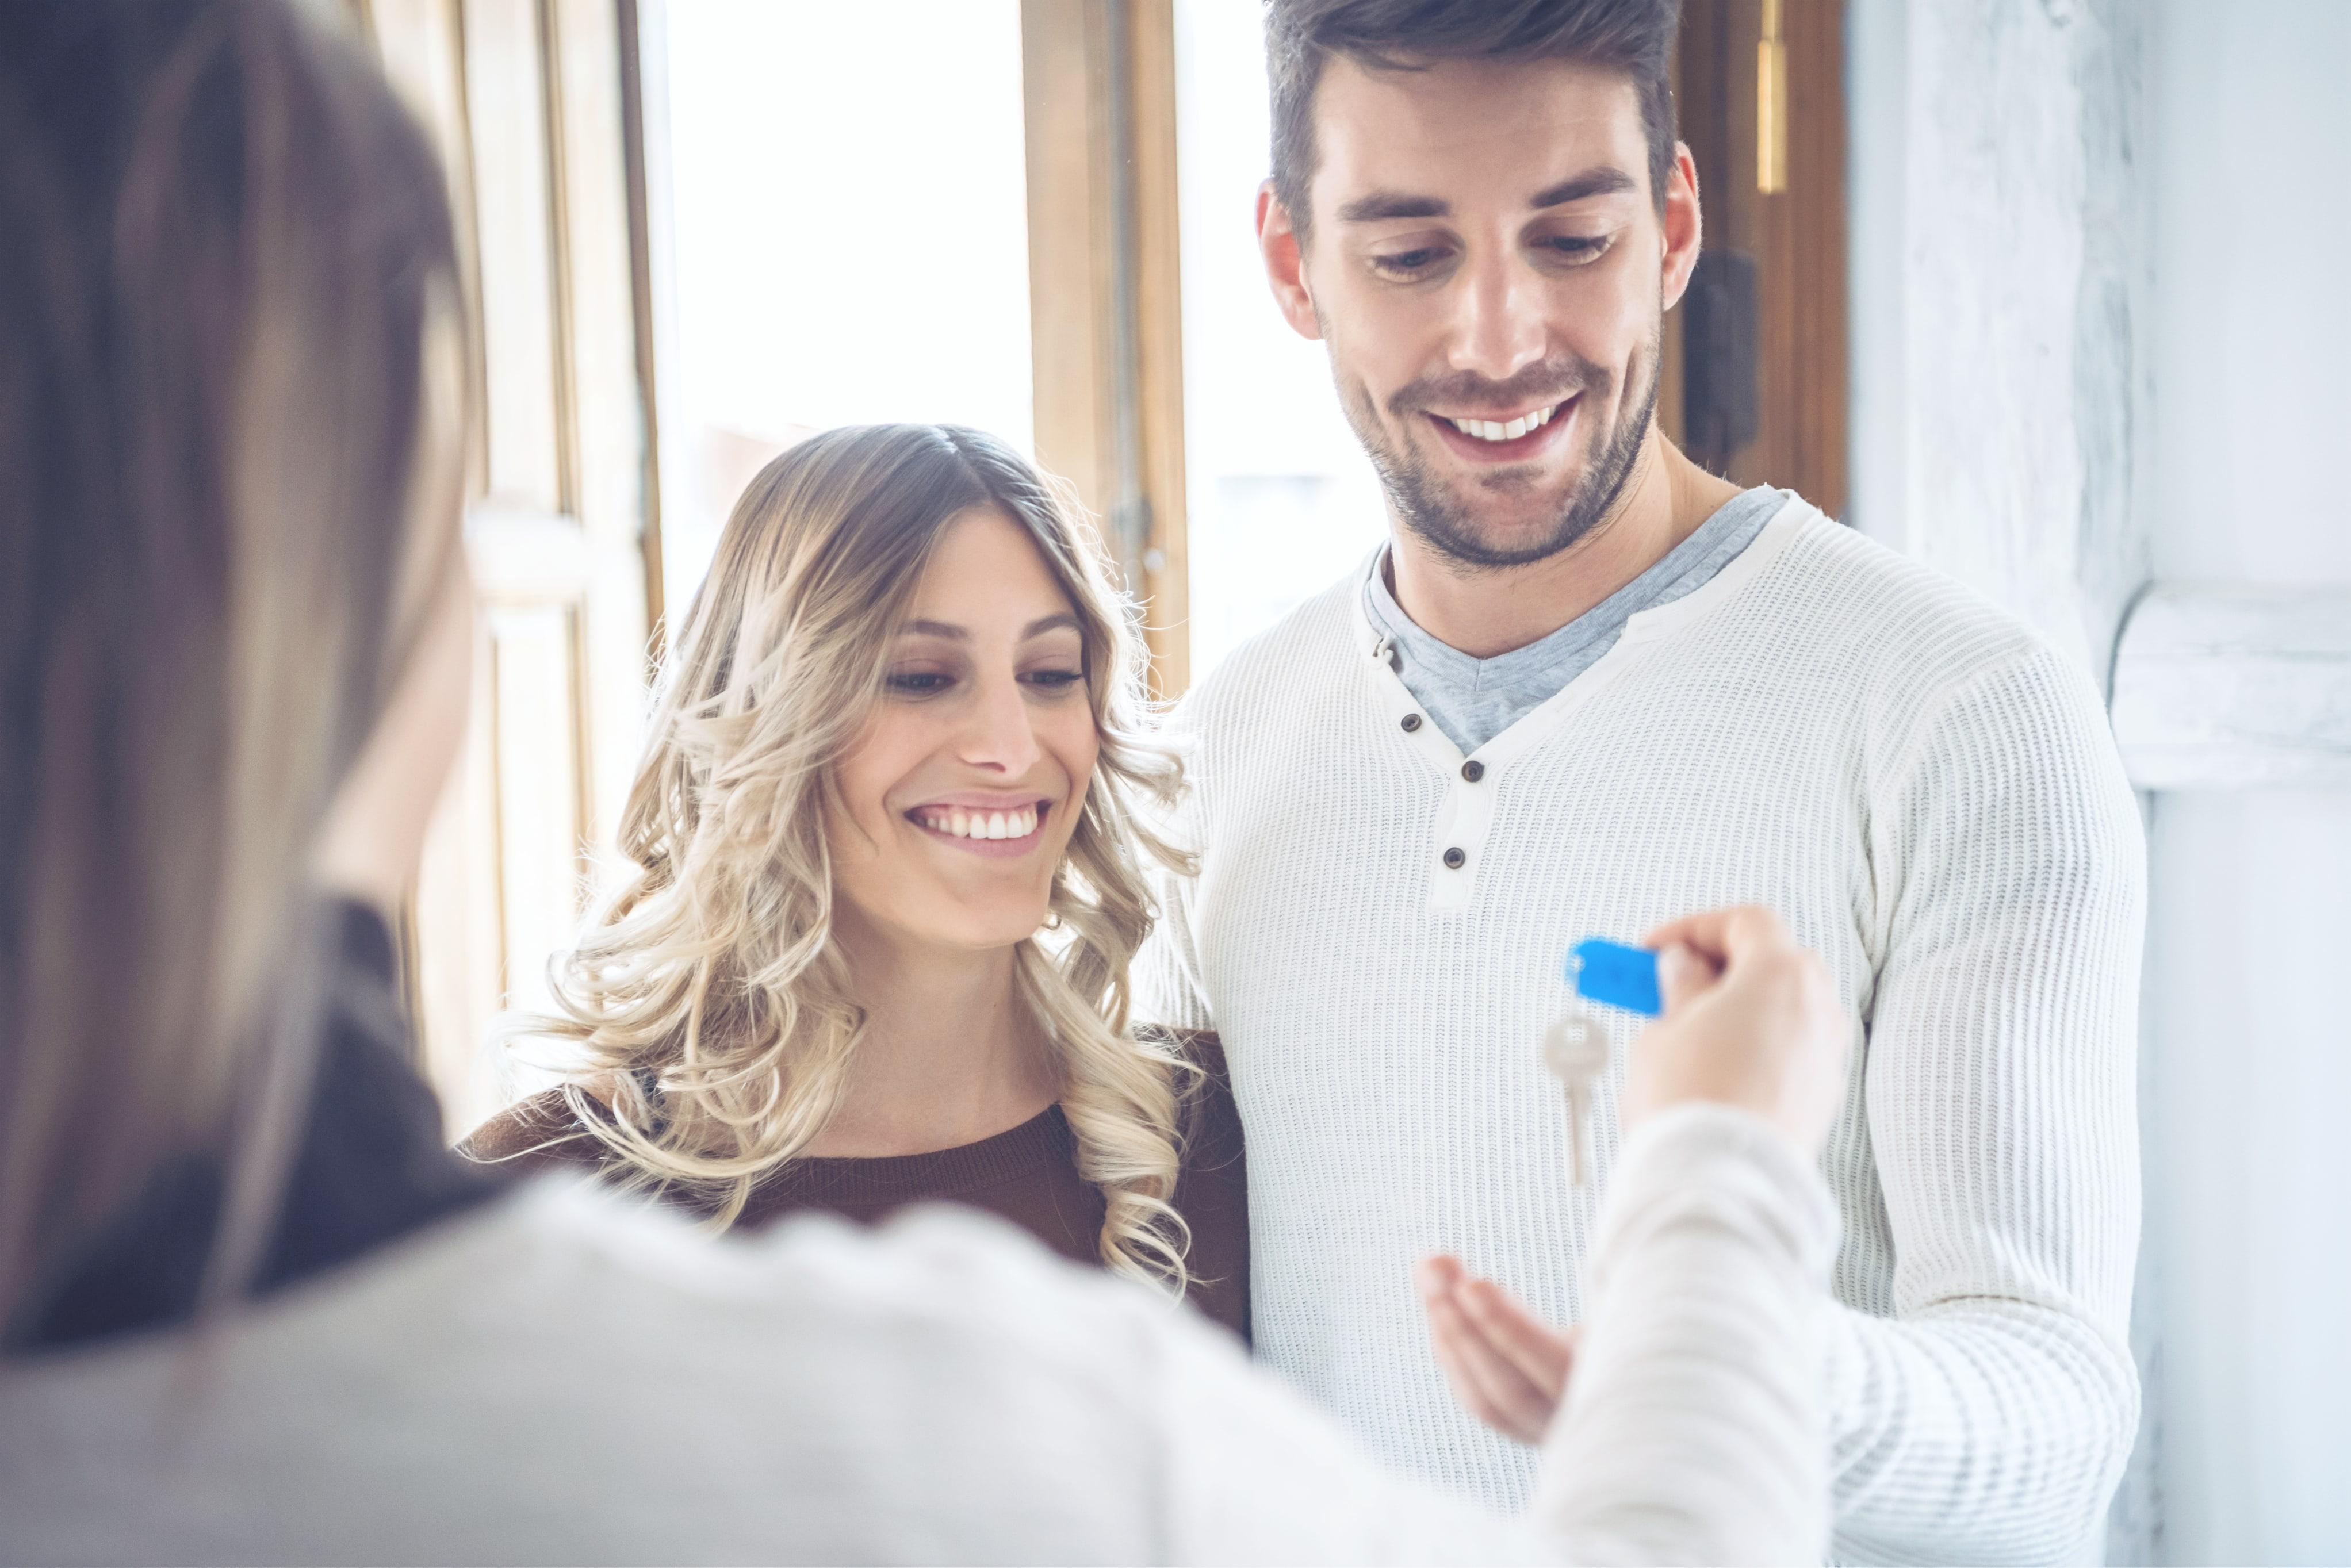 Leie ut leilighet? 4 ting å gjøre ved kontraktbrudd